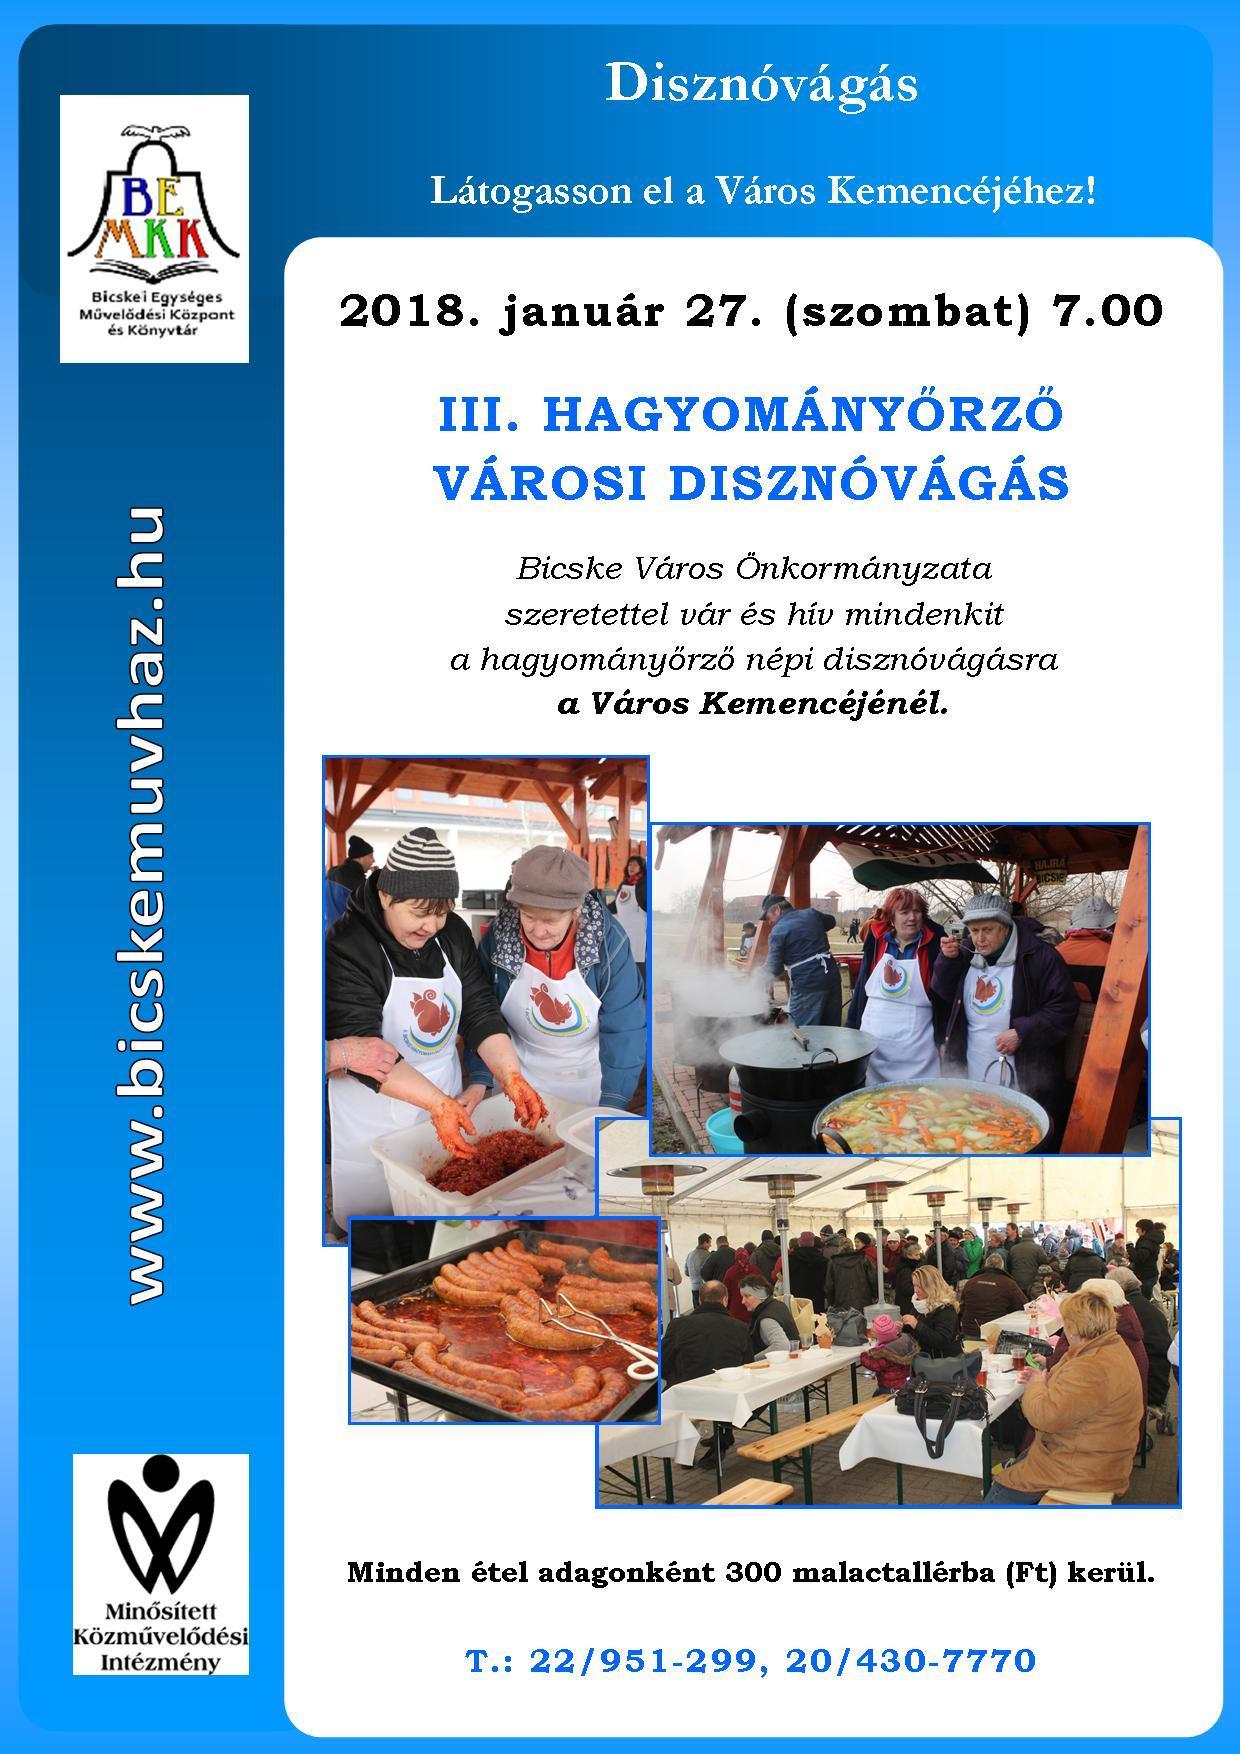 varosi_disznovagas_1.jpg